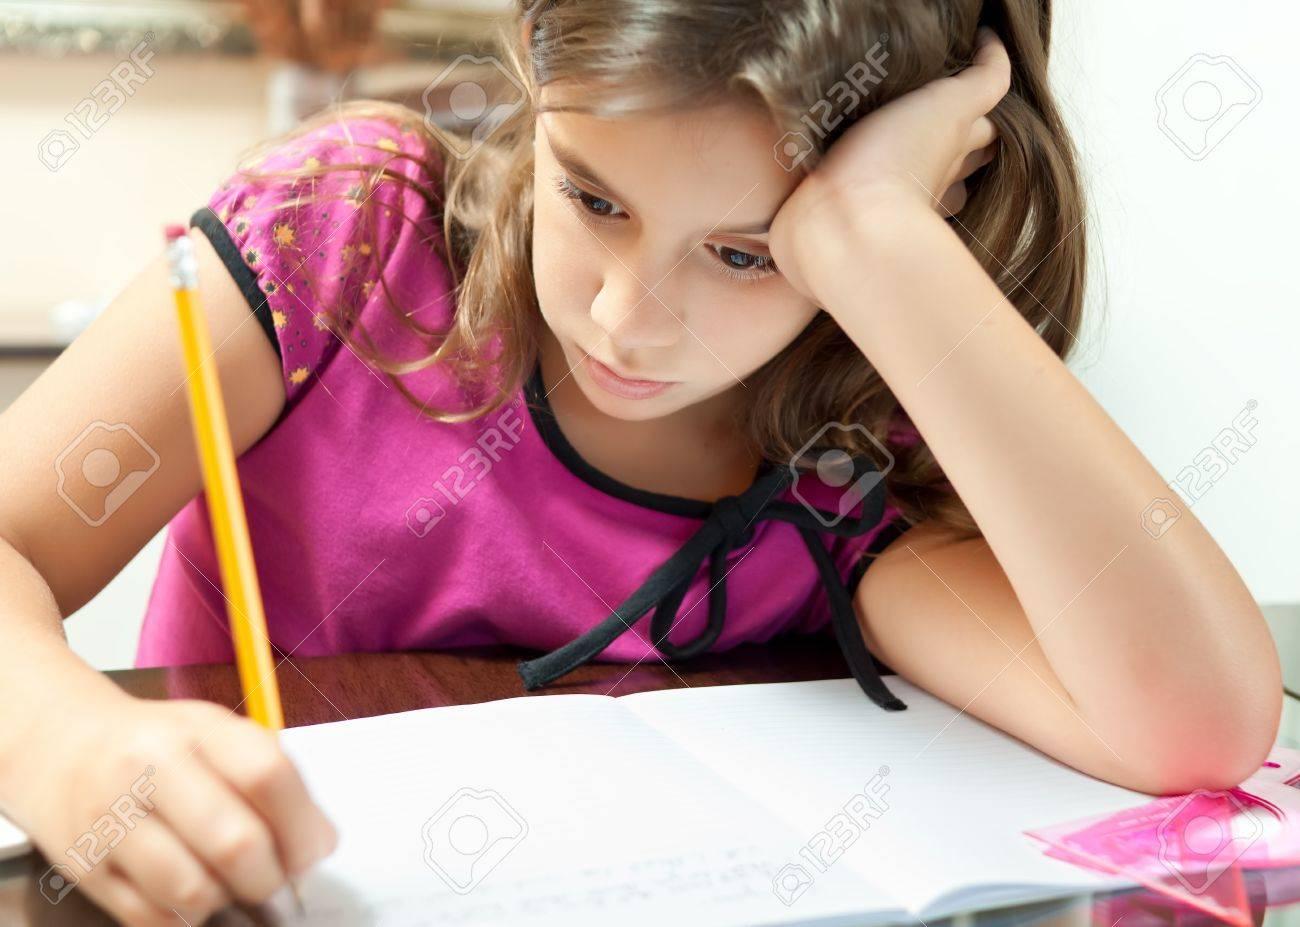 Kleines Mädchen Suchen Gelangweilt Während Der Arbeit An Ihrem ...